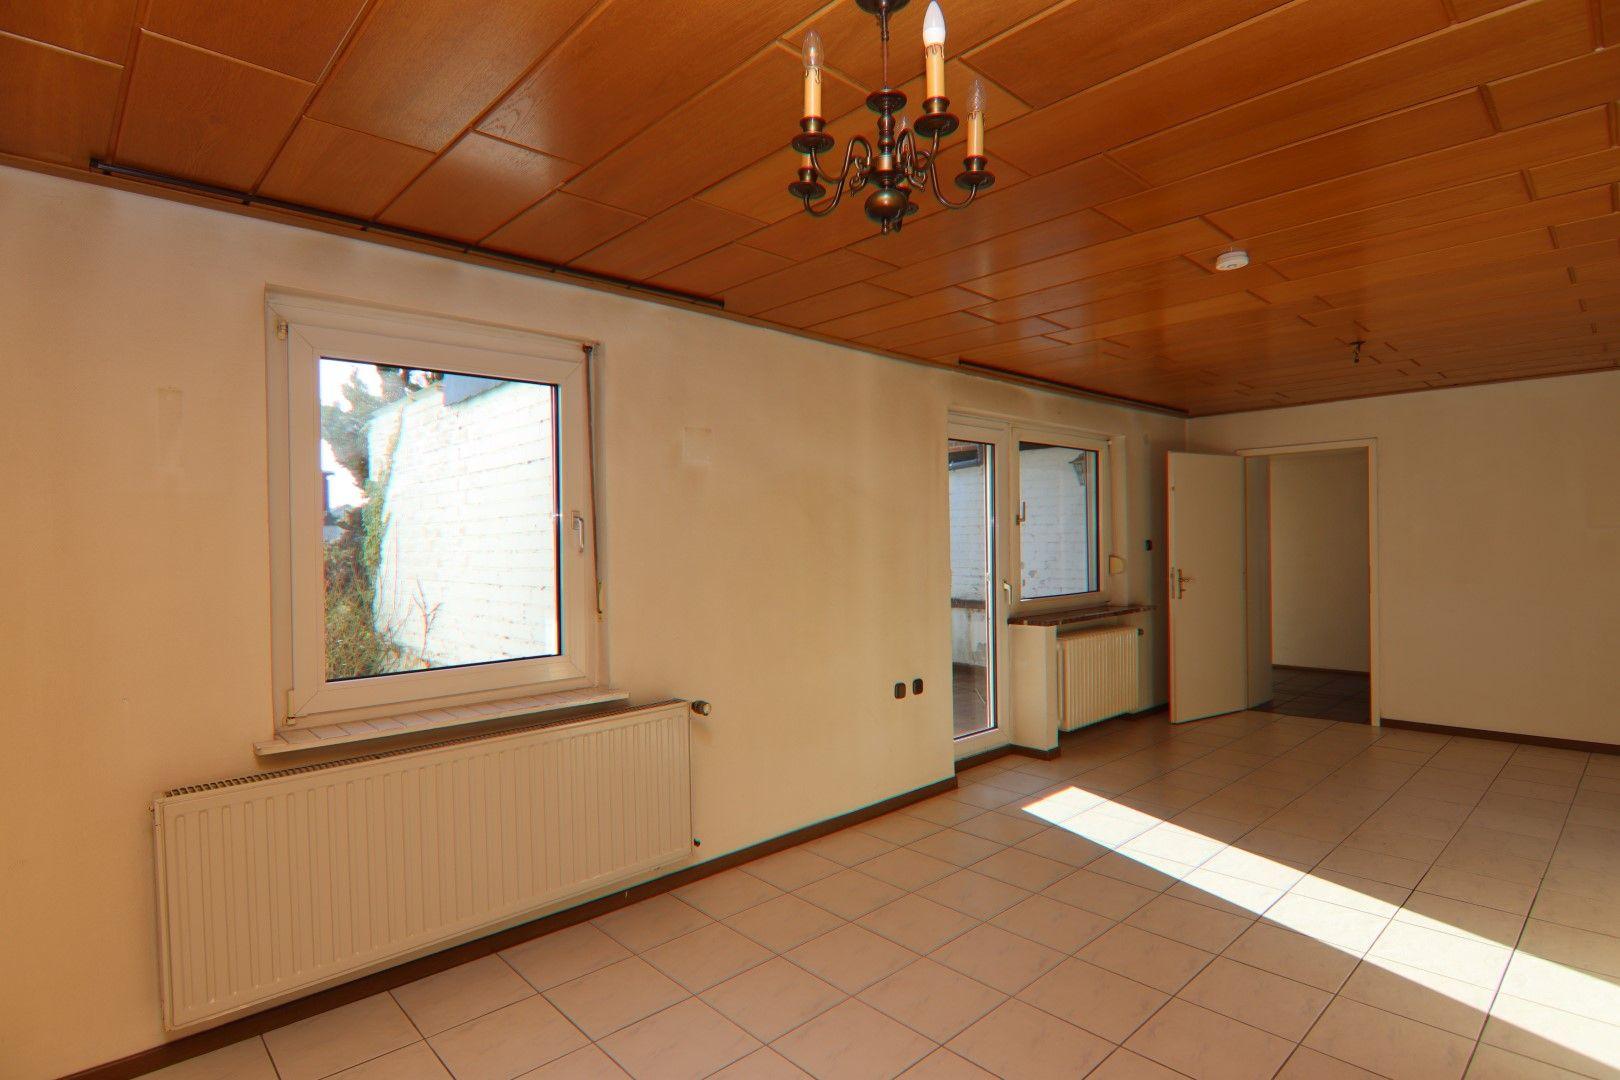 Immobilie Nr.0287 - Doppelhaushälfte mit Garten & Terrasse & Garage - Bild 17.jpg